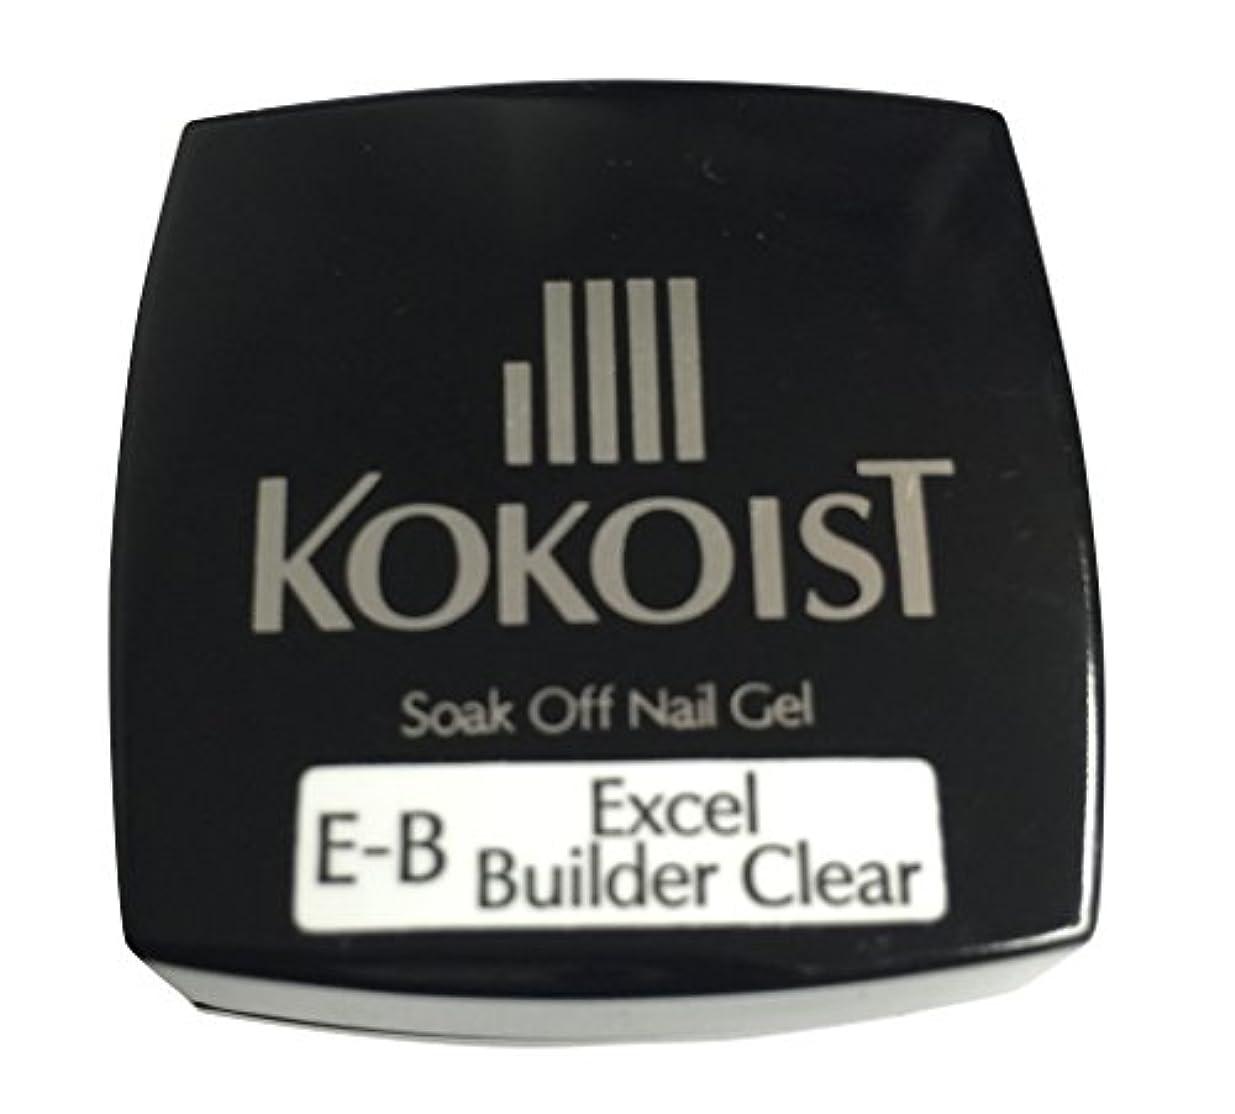 ウェブよろしく判定KOKOIST(ココイスト) ソークオフクリアジェル エクセルビルダー  4g